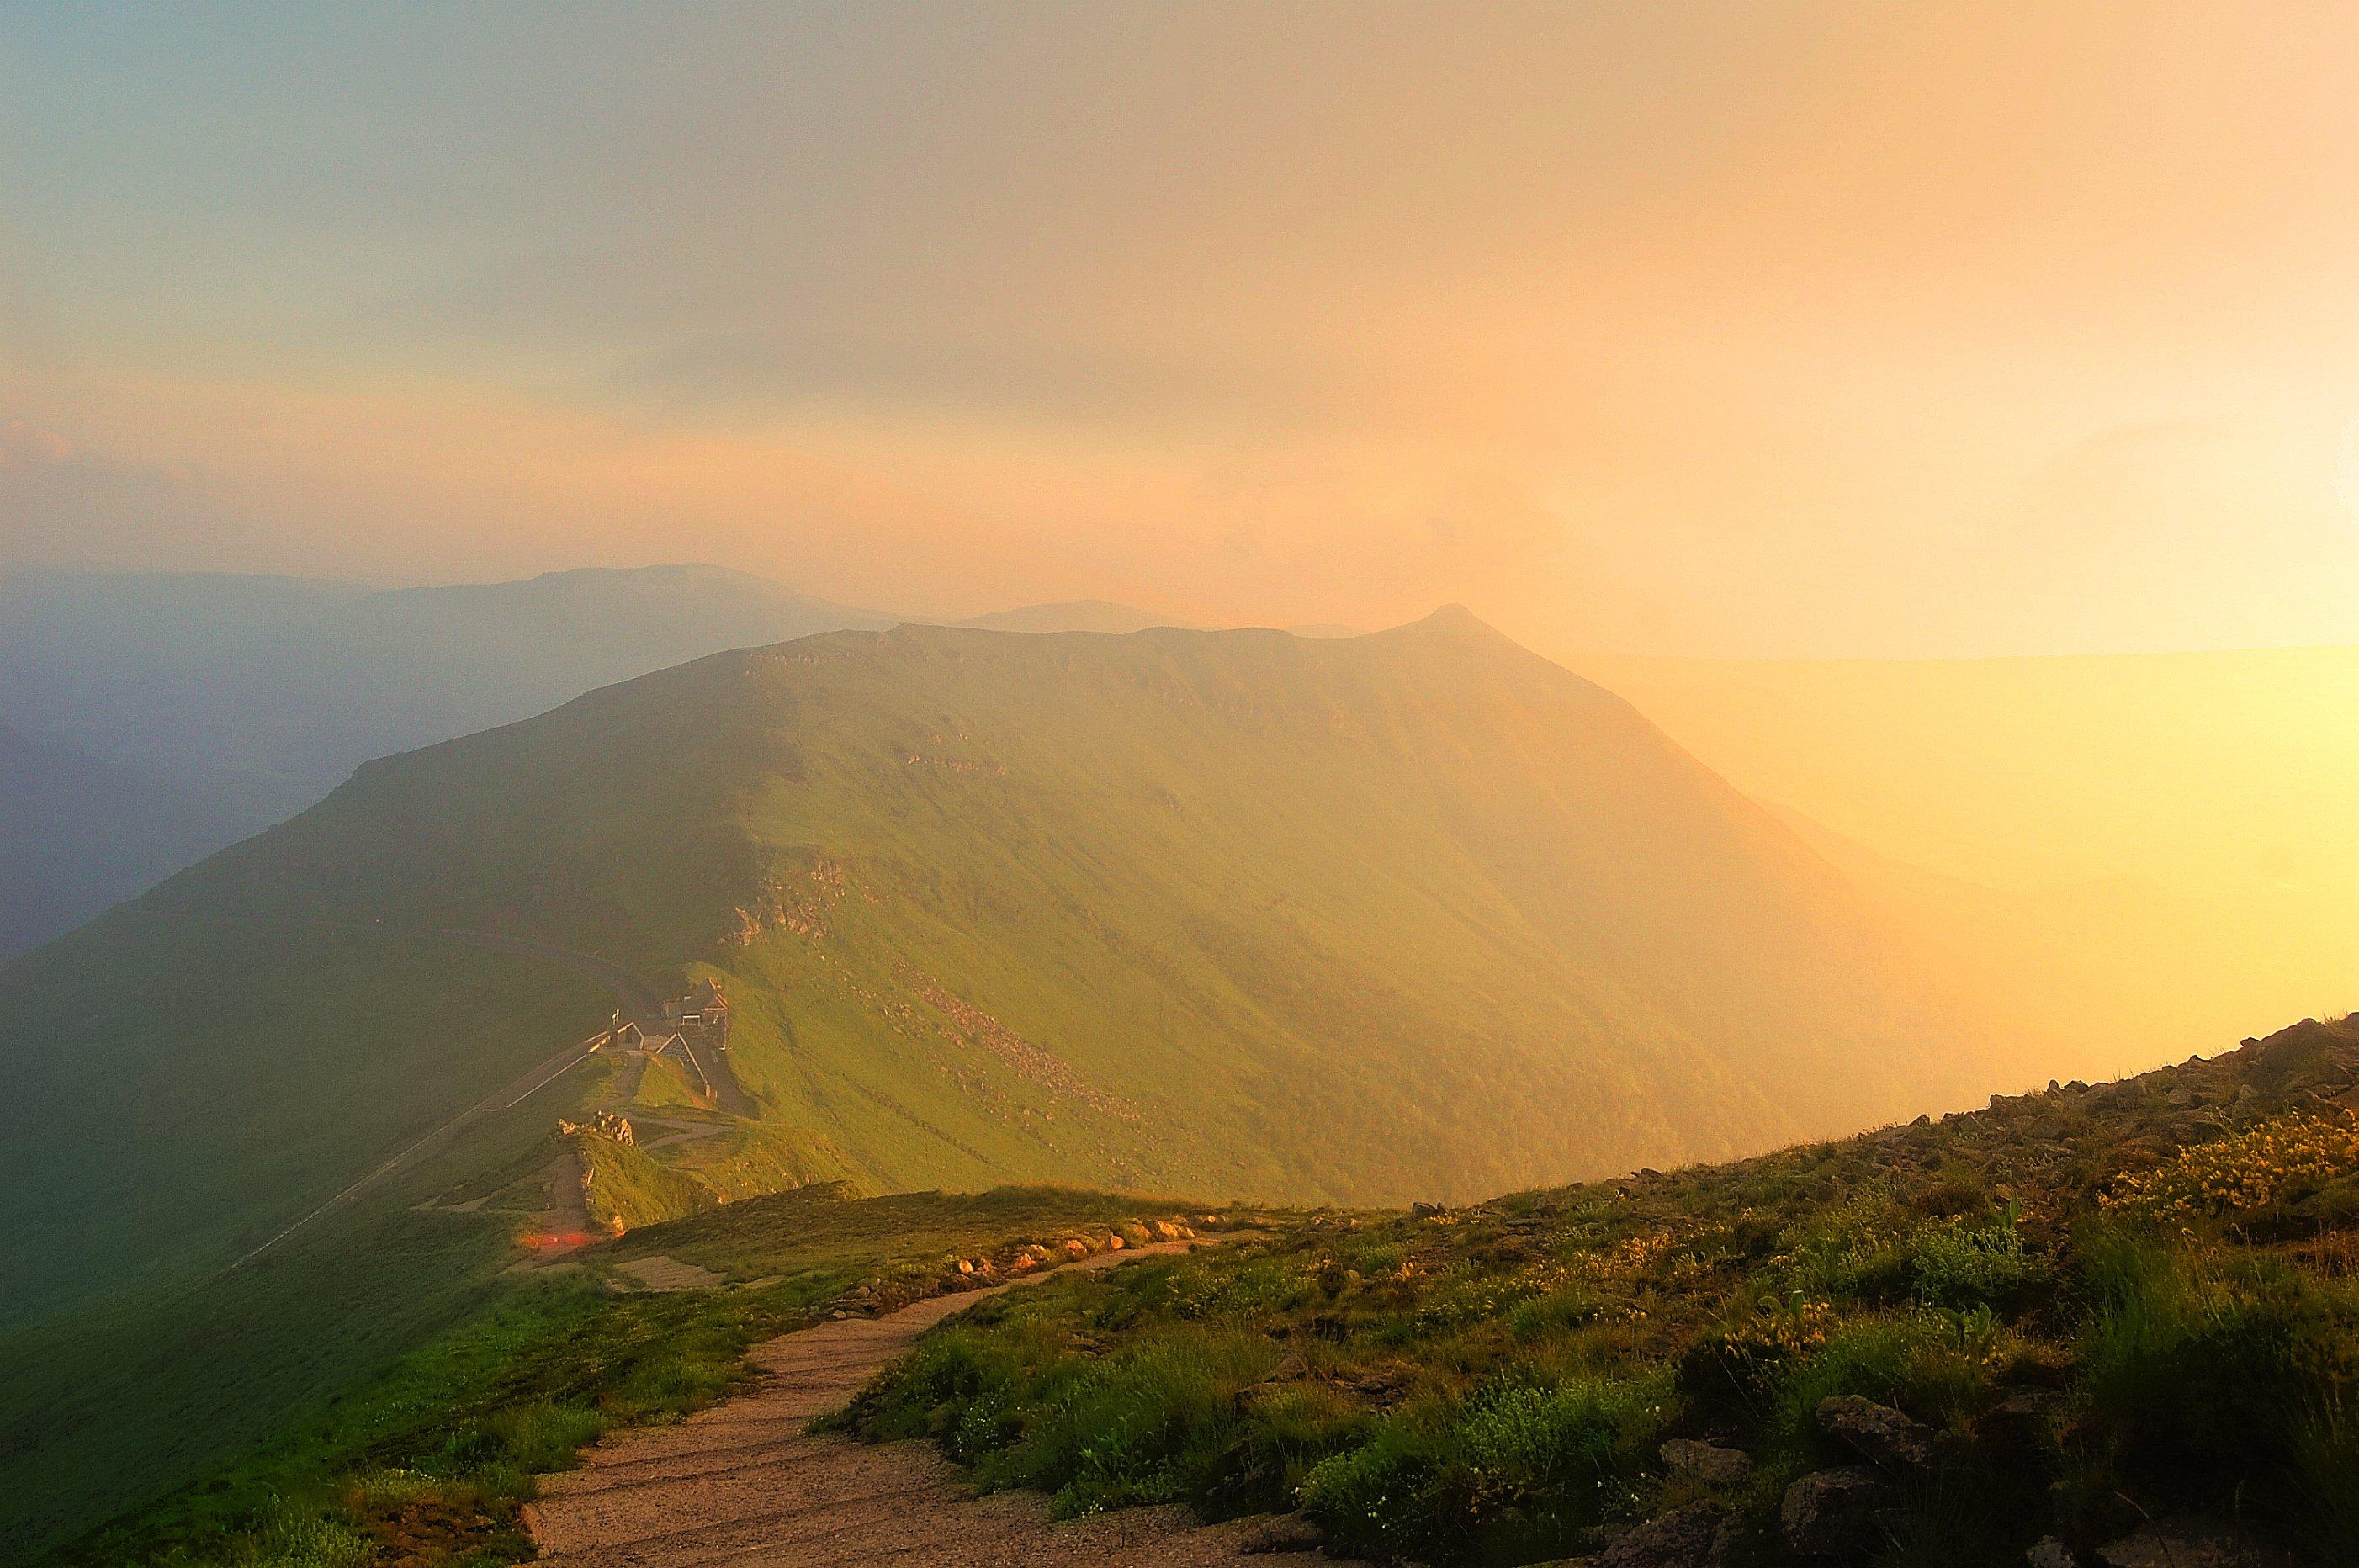 Hintergrundbilder : Sonnenlicht, Landschaft, Beleuchtung, Berge ...